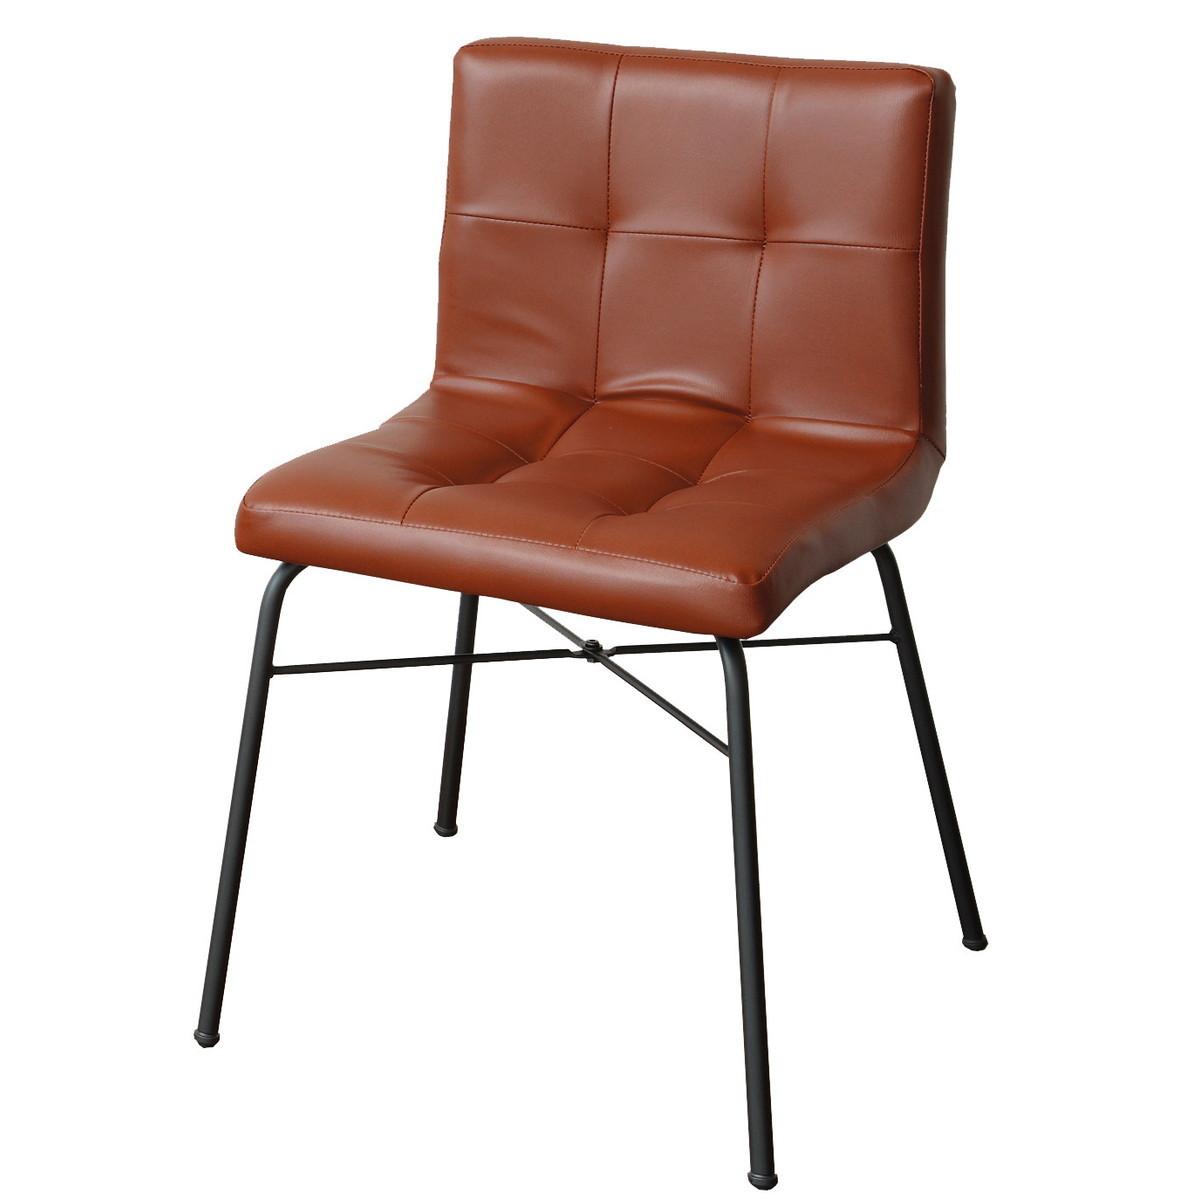 アンセム ダイニングチェア 椅子 ブラウン